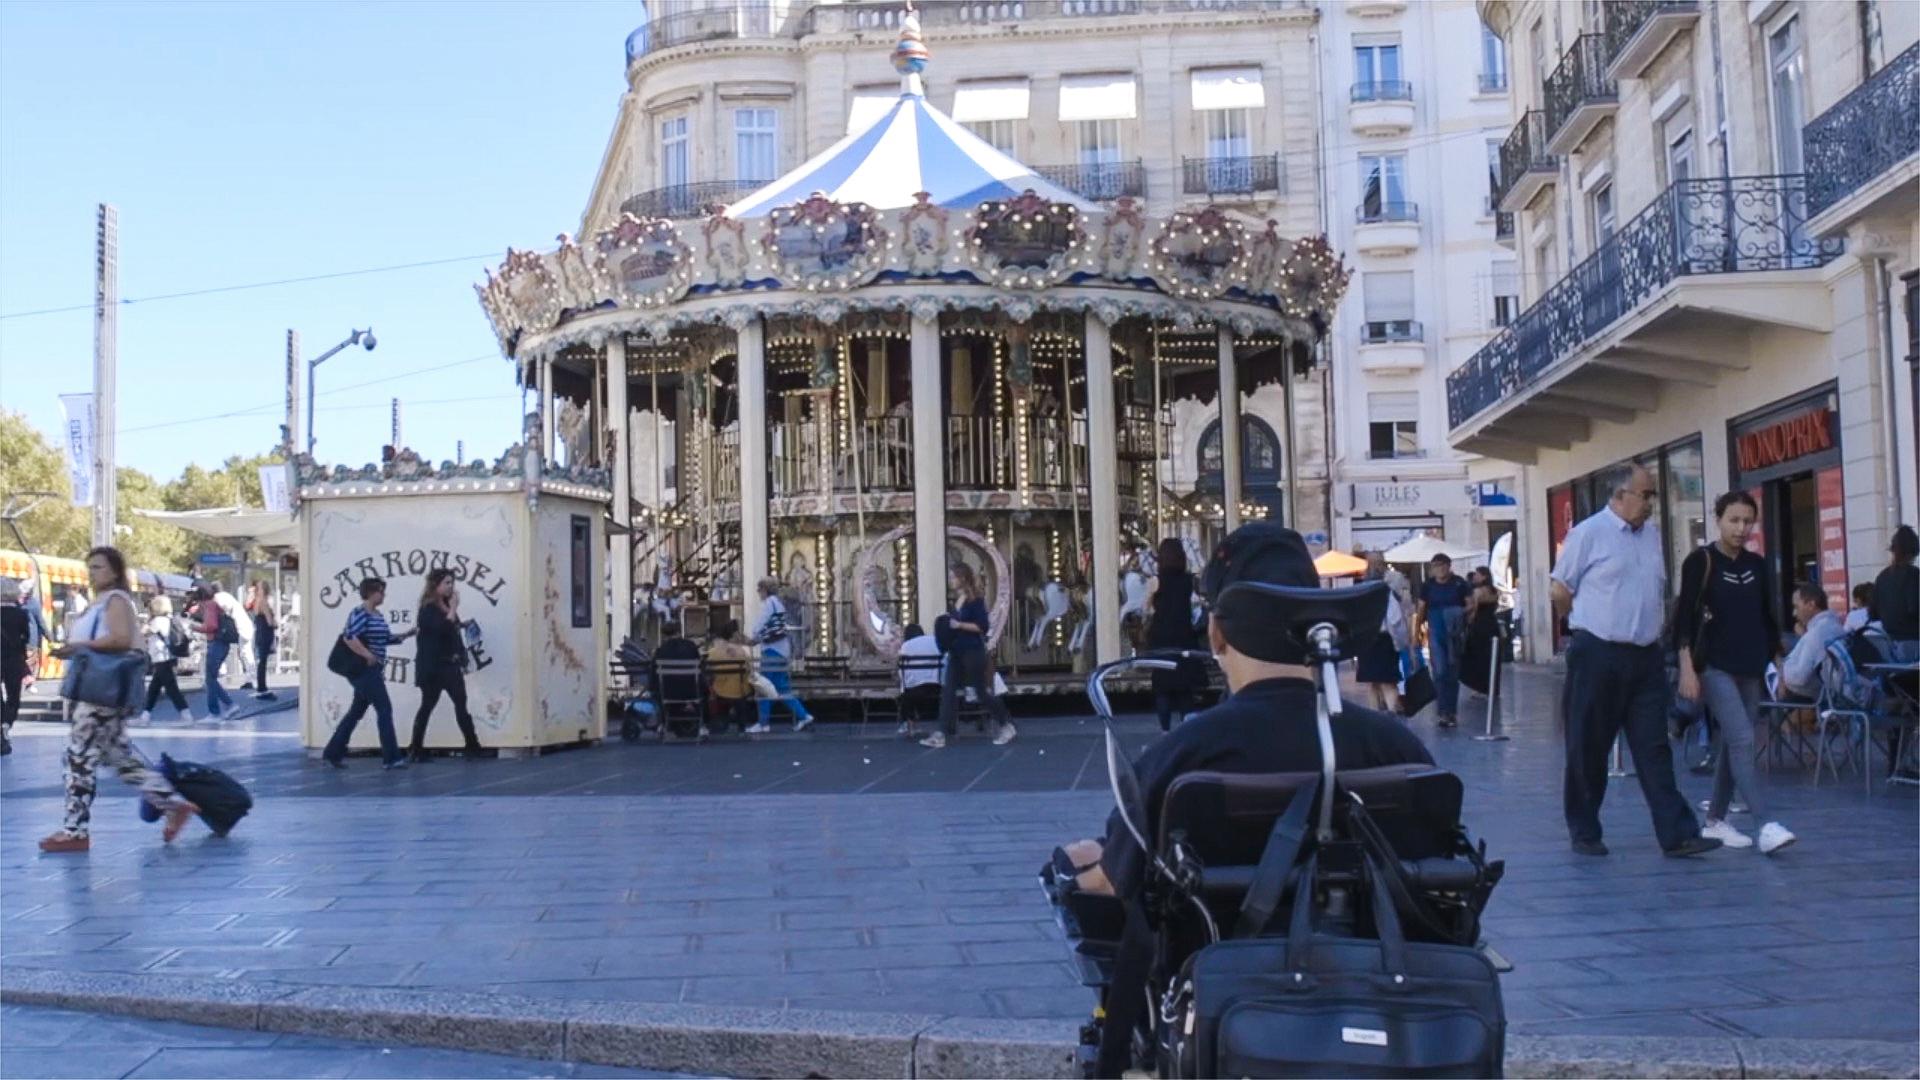 Patrice devant le Carrousel au Centre de l'immense Place de la Comédie